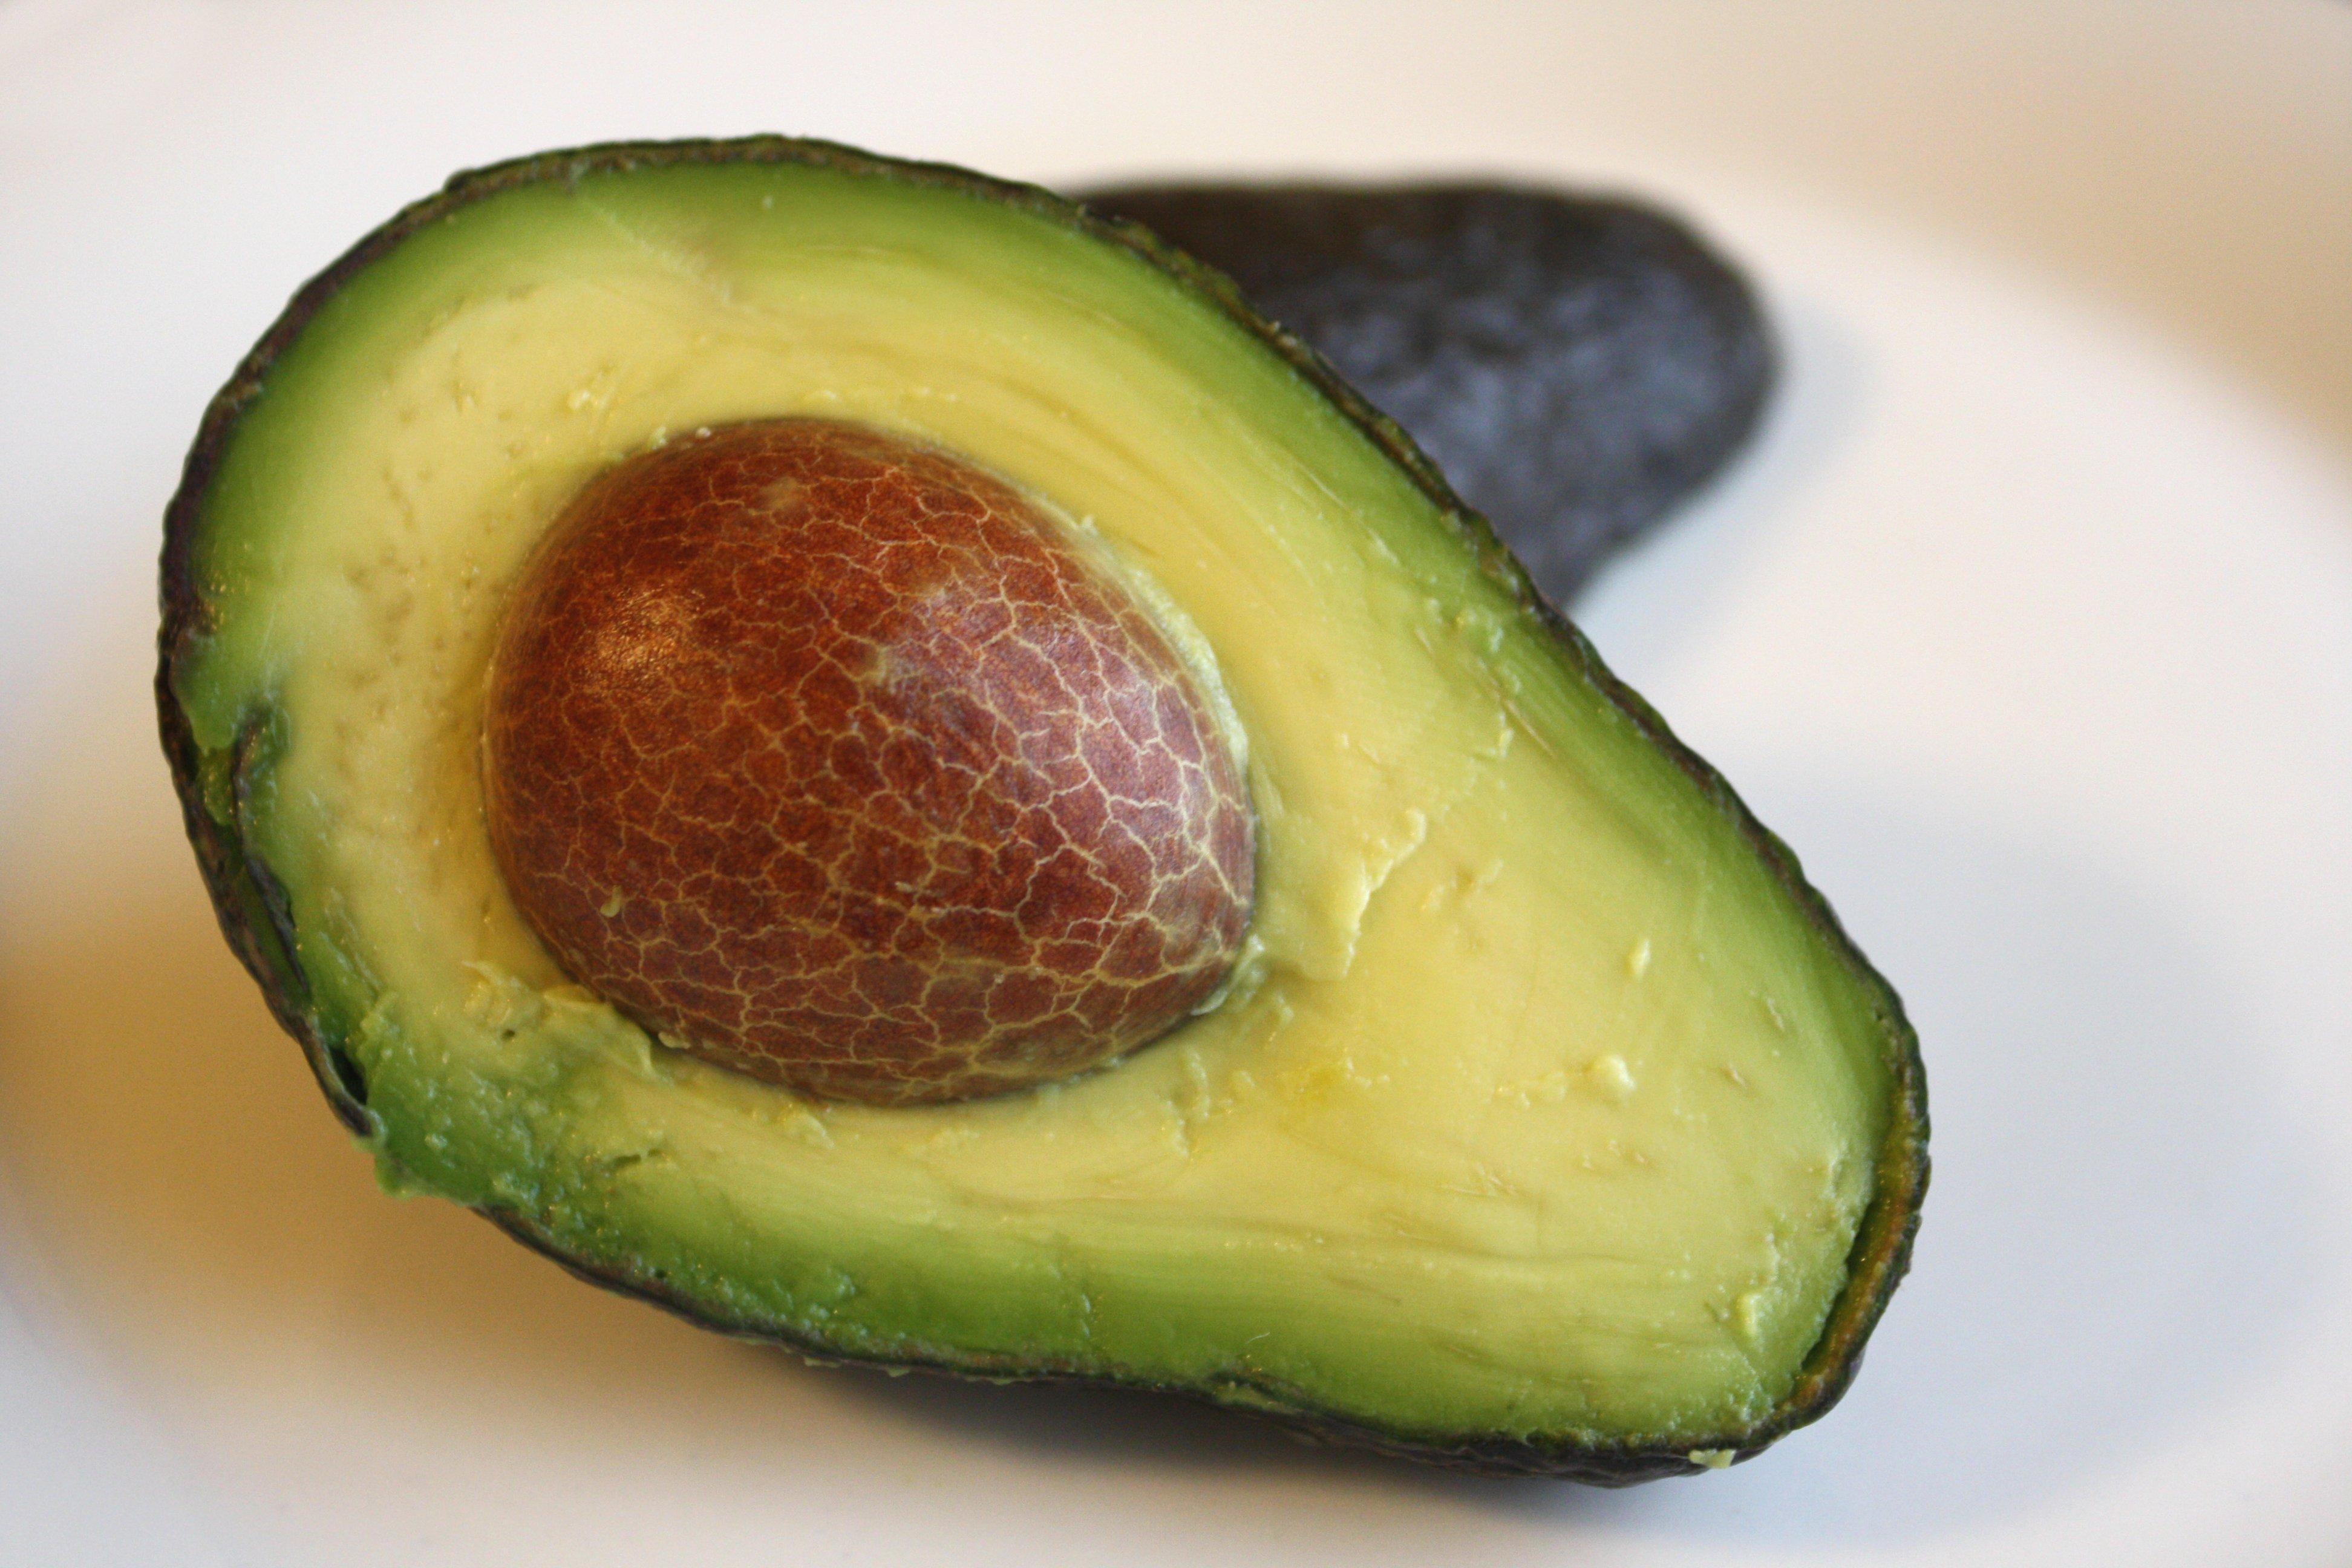 Picture free photograph photos. Avocado clipart avocado half